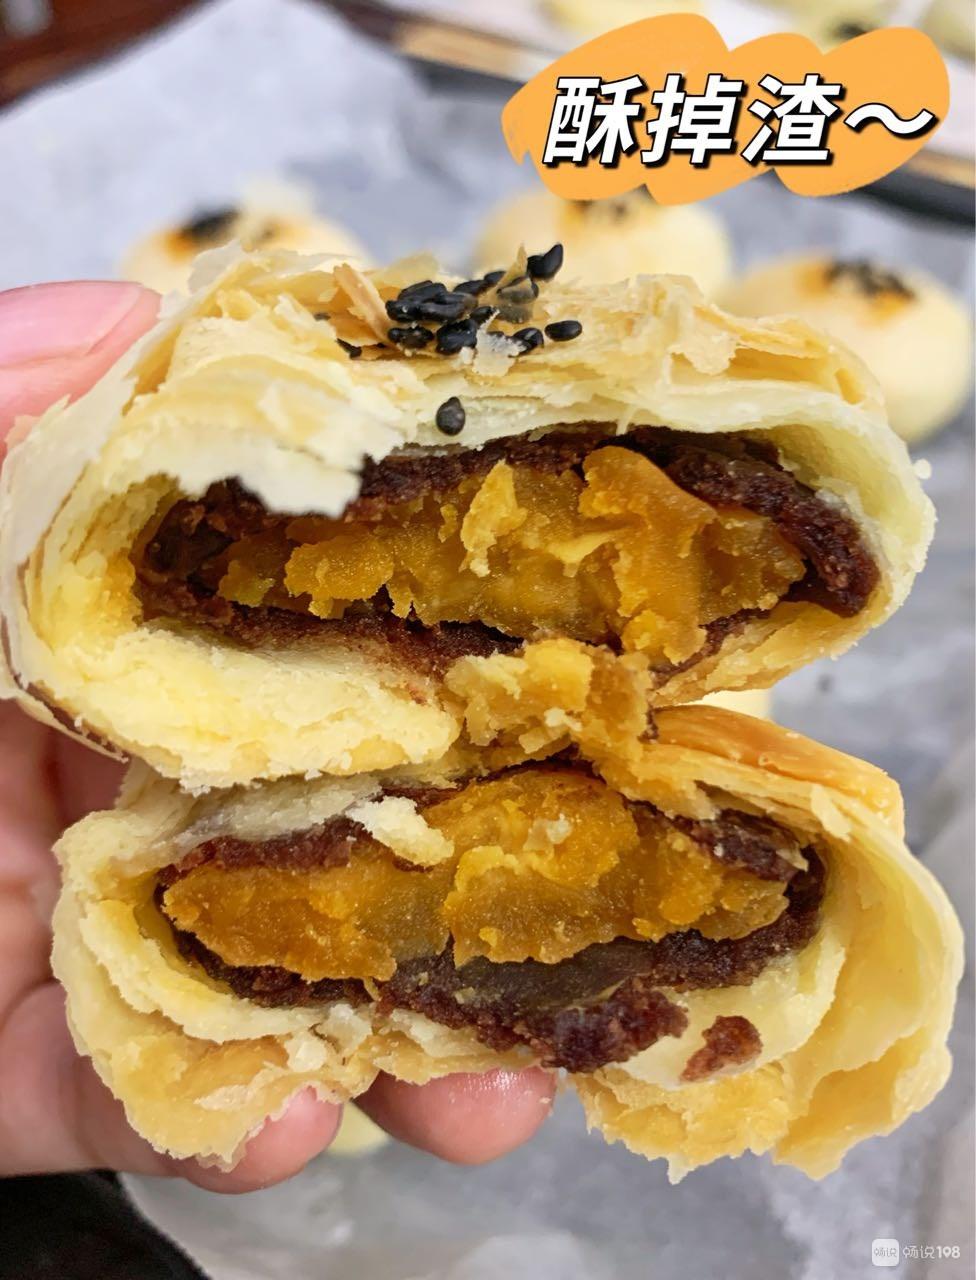 赤城小伙烤一炉天台传统月饼,嘴馋的老婆和丈母娘吃美了!